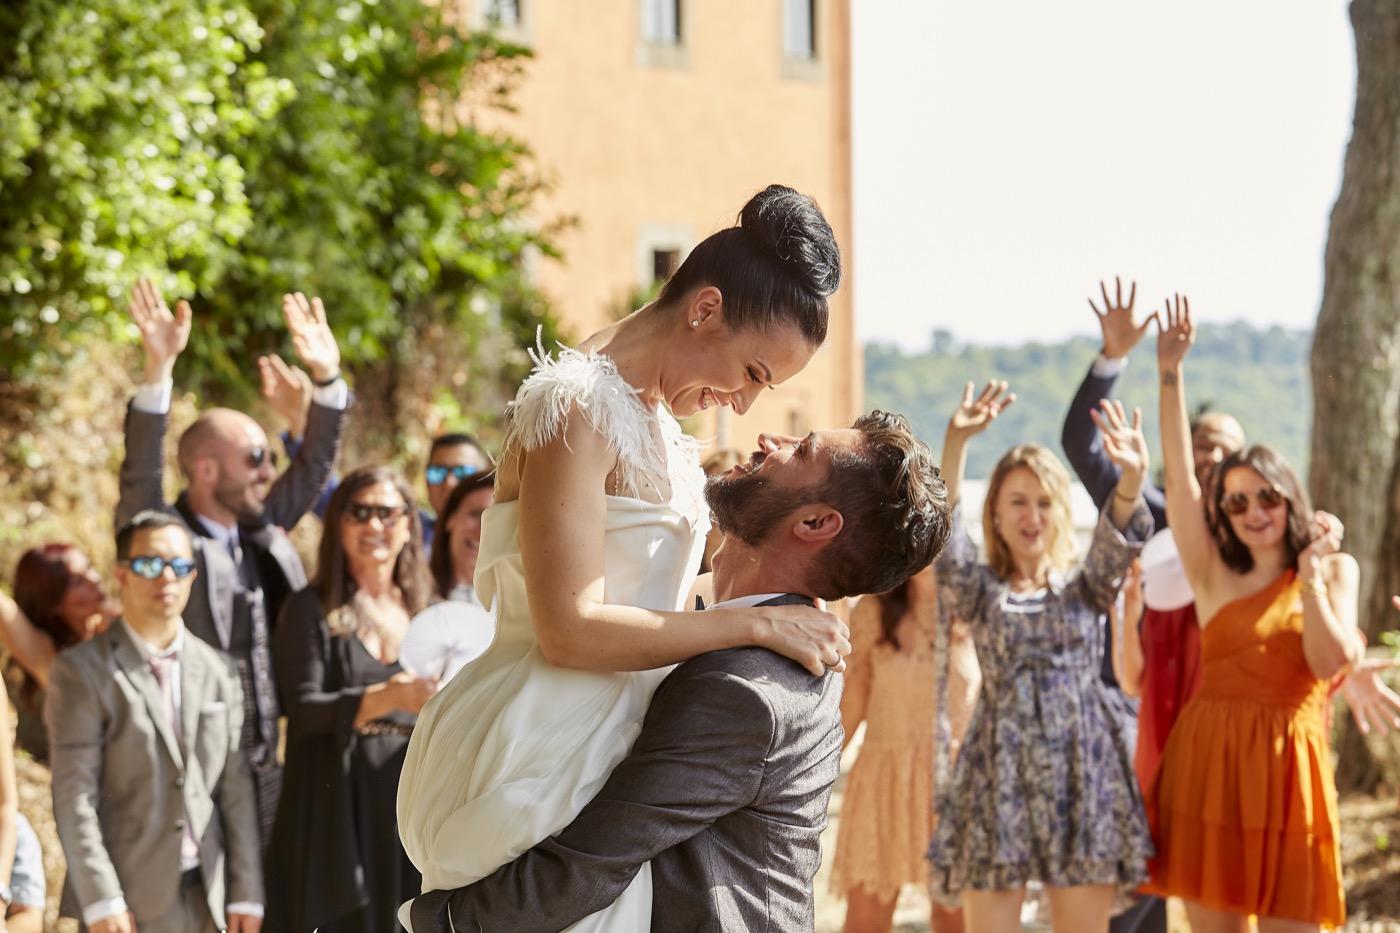 Claudio-Coppola-wedding-photographer-villa-del-cardinale-rocca-di-papa-castel-gandolfo-62